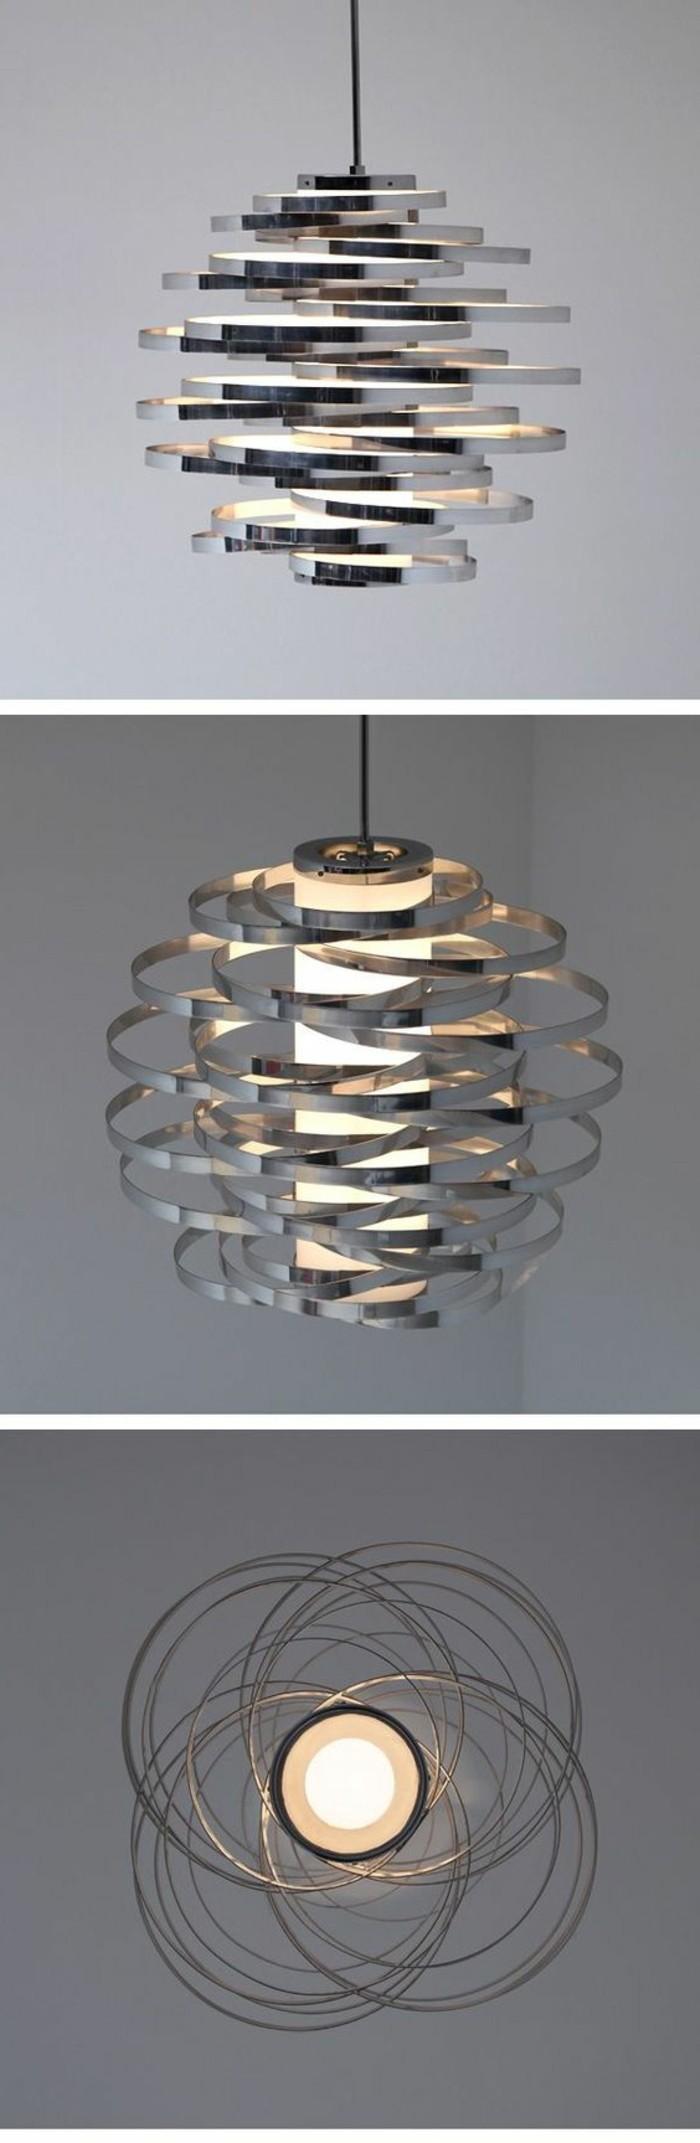 00-lustres-pas-cher-design-chic-luminaire-design-en-metal-gris-comment-choisir-l-eclairage